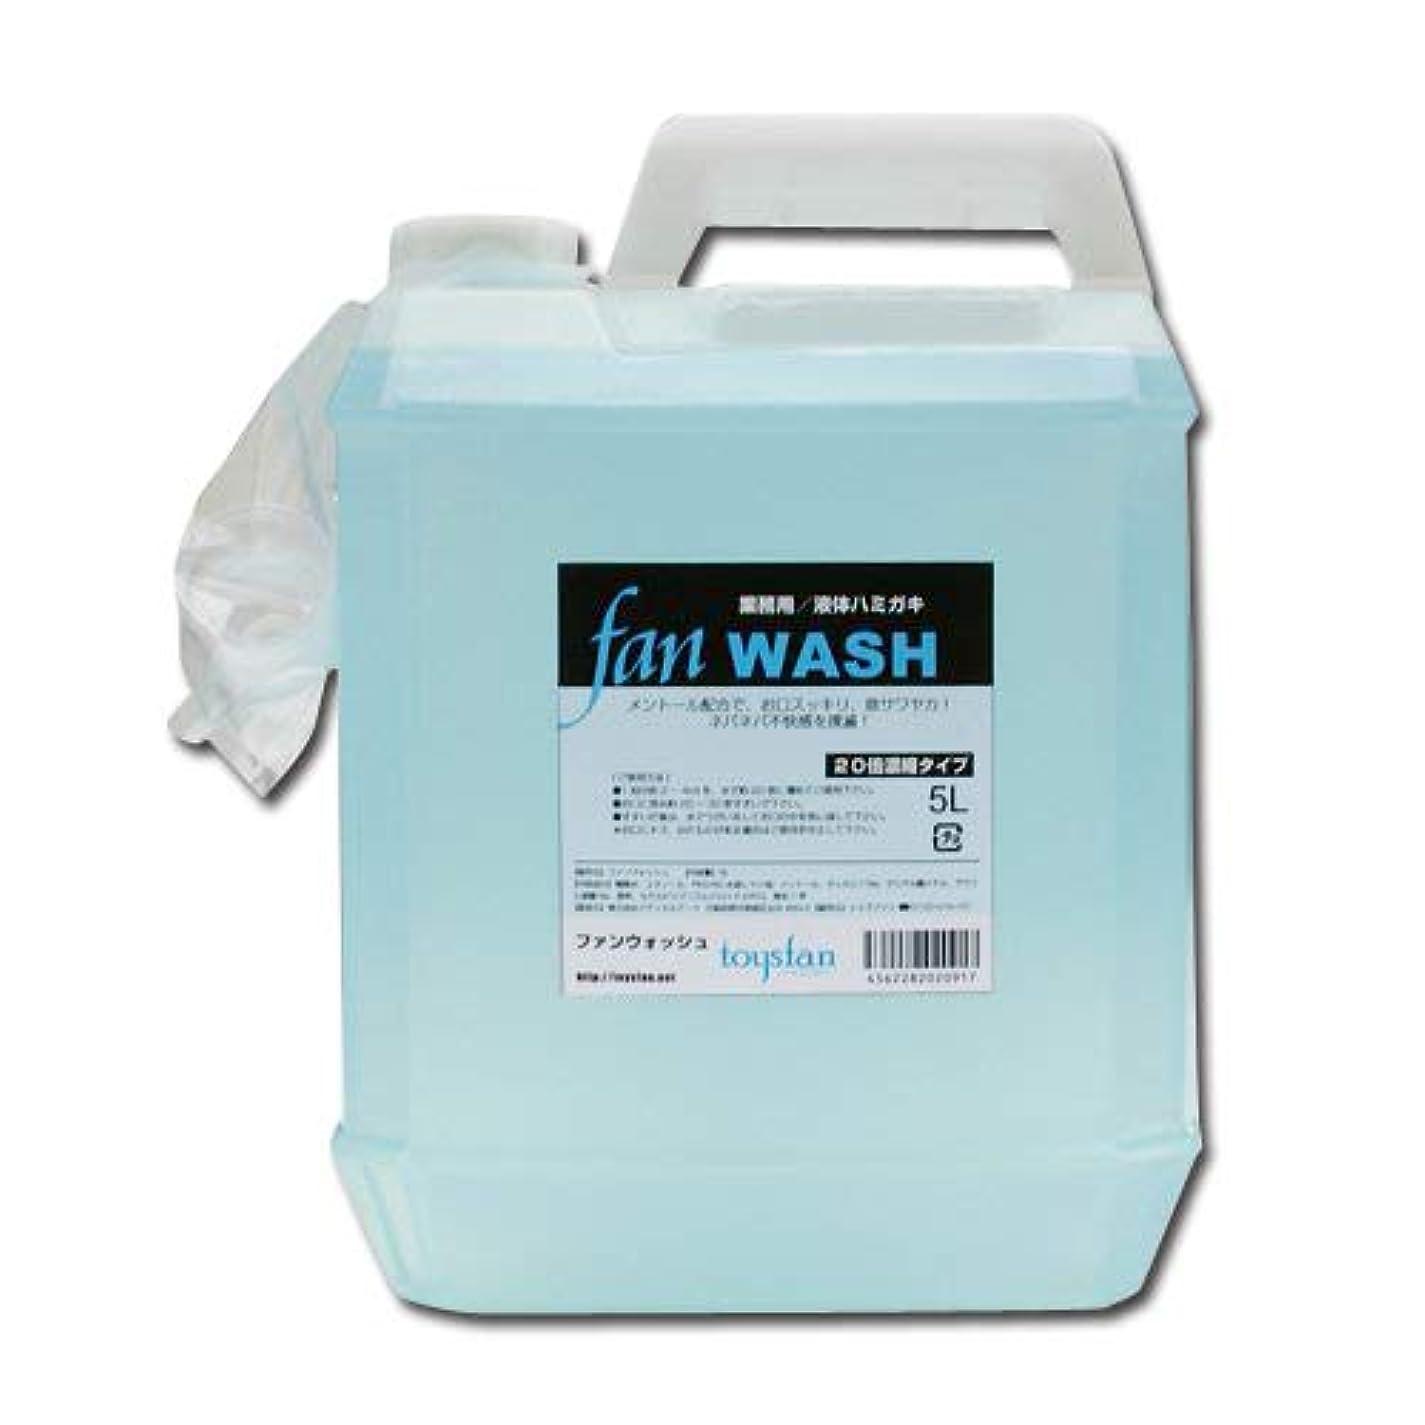 復讐媒染剤排他的ファンウォッシュ 5L(20倍濃縮)業務用液体ハミガキ FAN WASHメントール配合│液体歯磨き大容量!うがい液